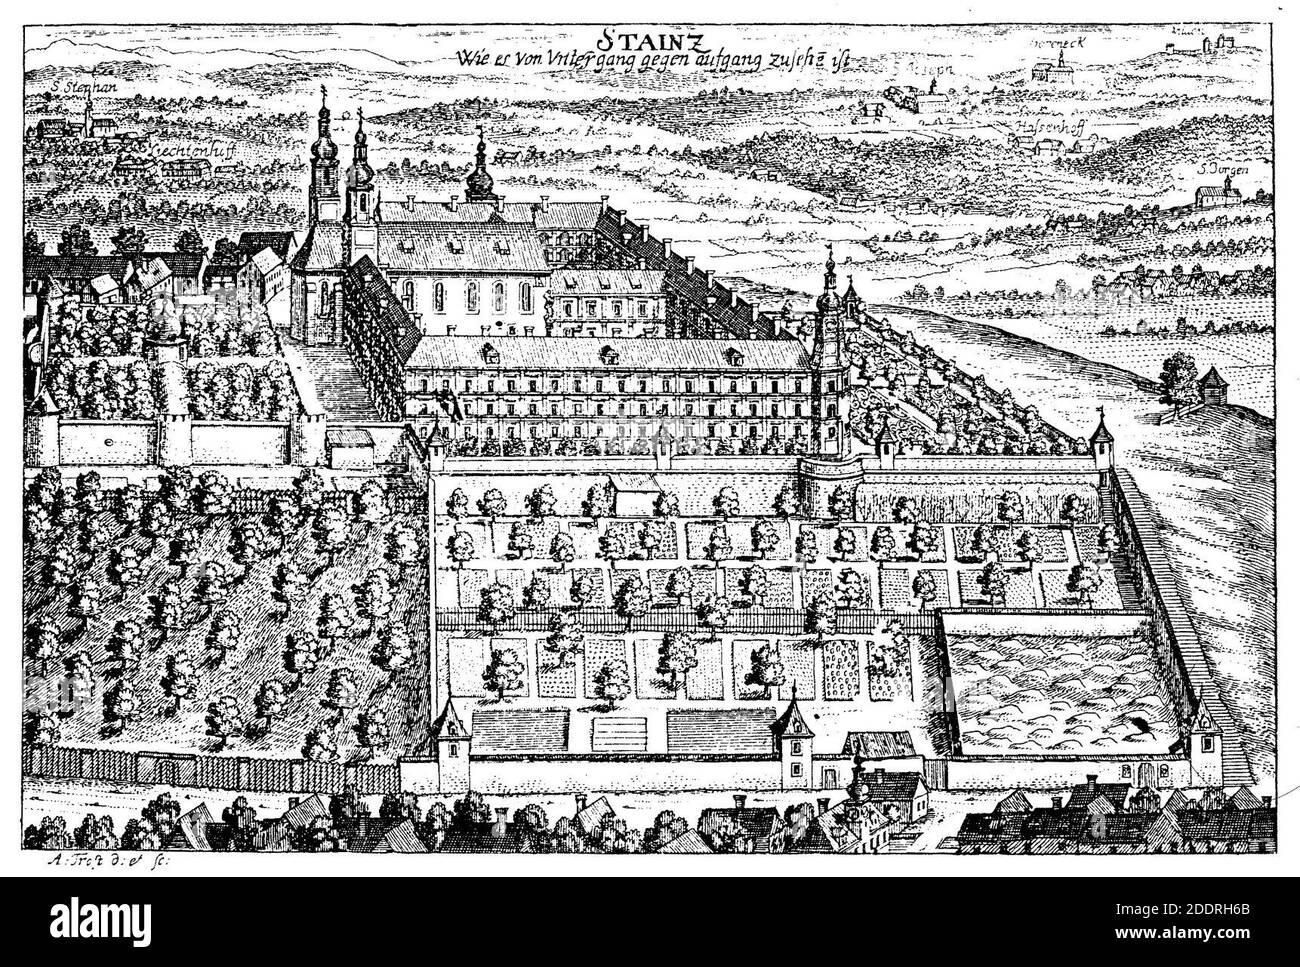 Kloster Stainz 1681, Georg Matthäus Vischer. Stock Photo